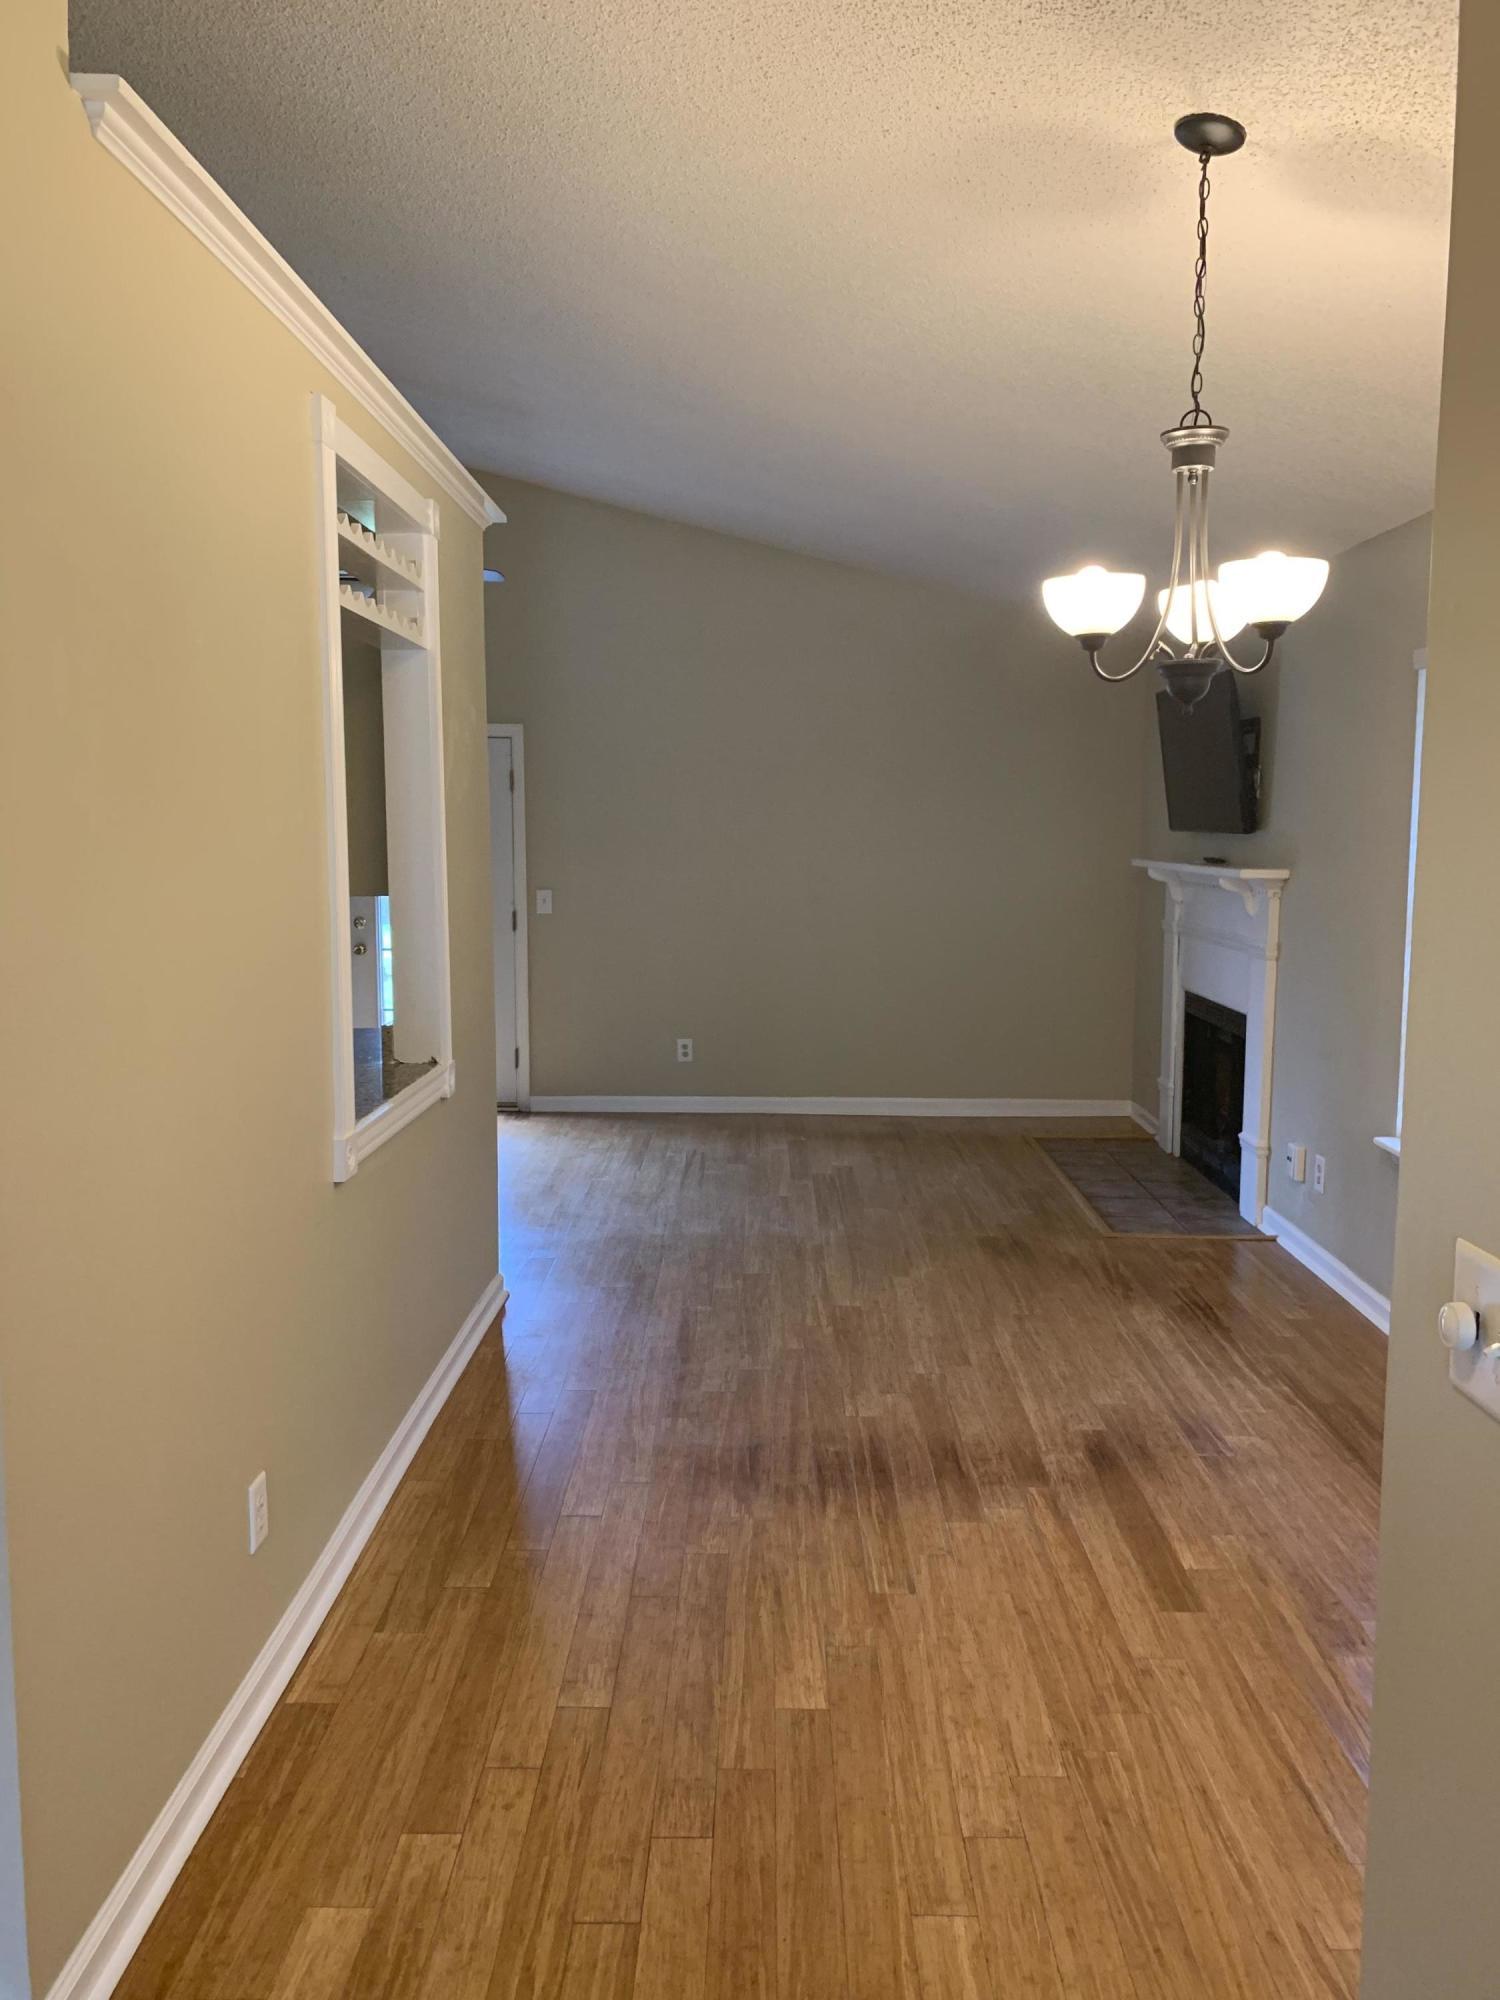 Willow Walk Homes For Sale - 1144 Oakcrest, Charleston, SC - 2